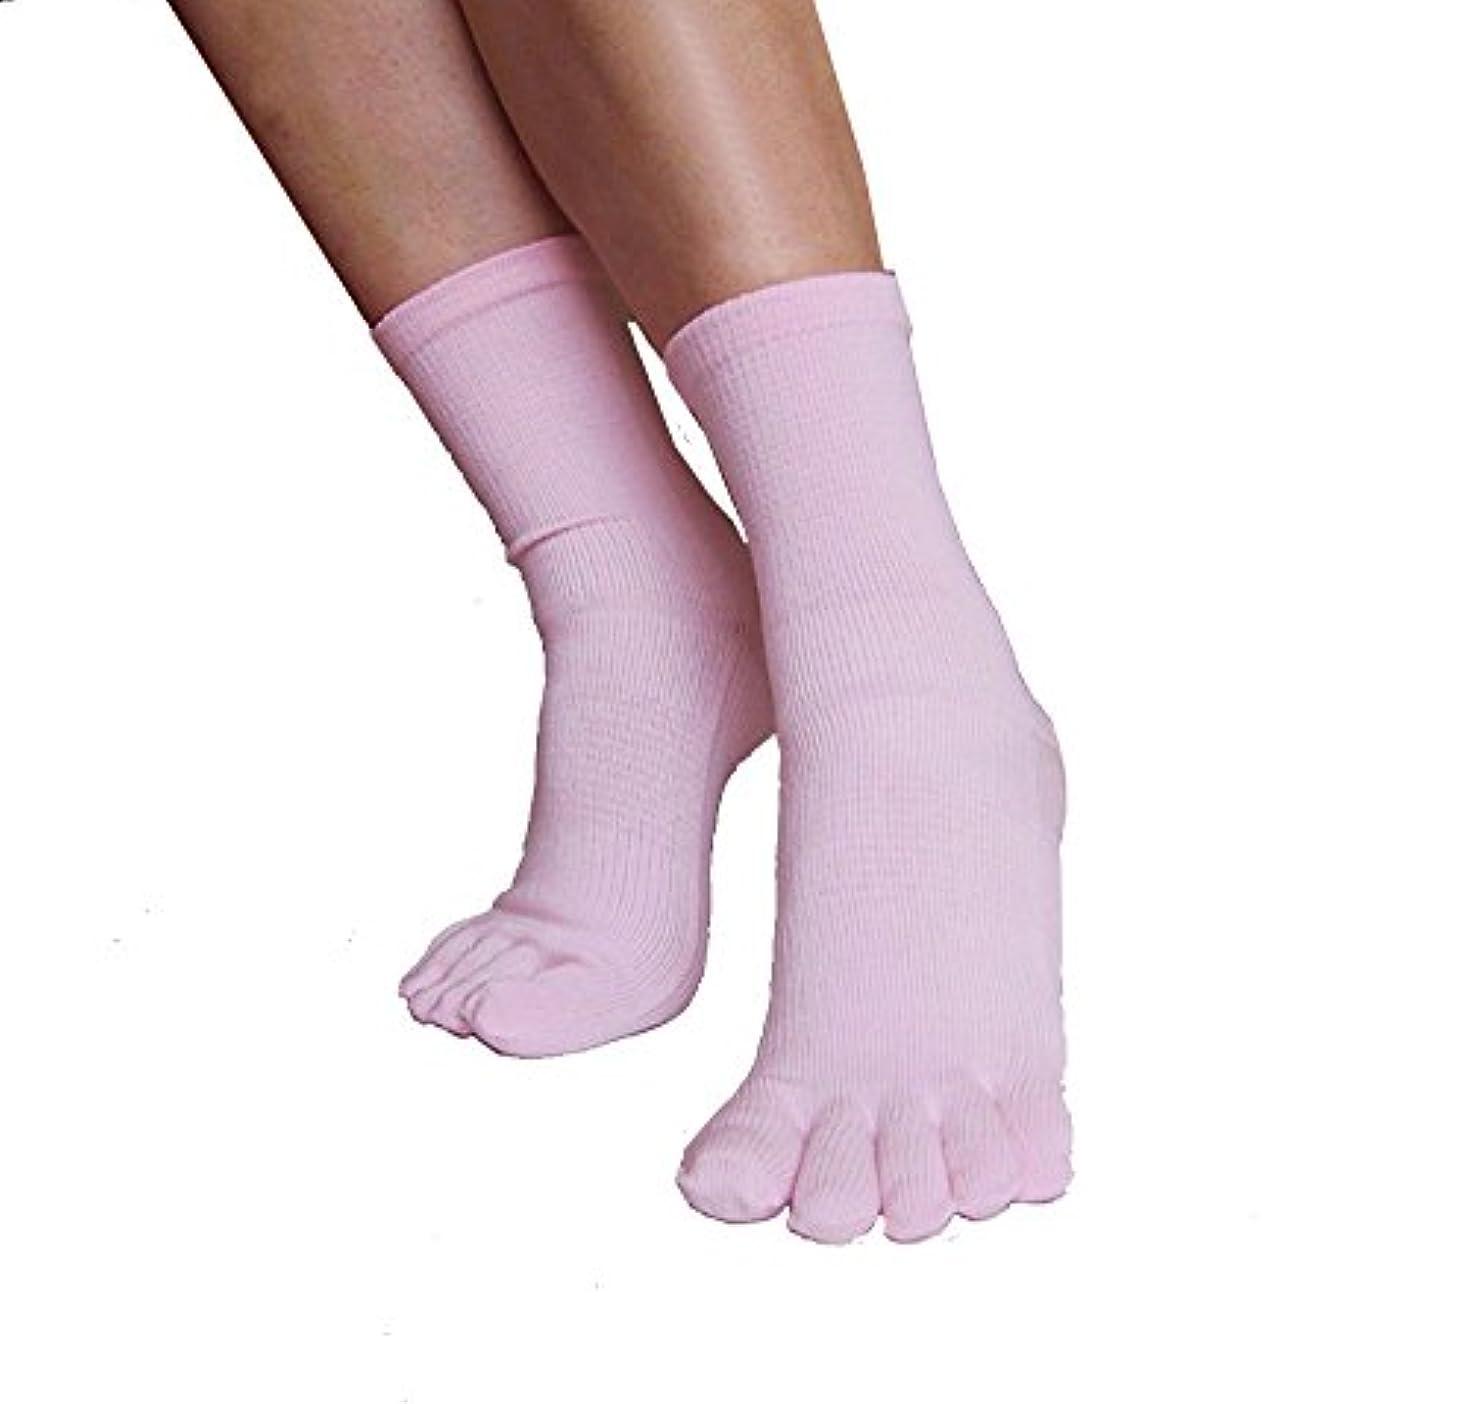 ビクターロータリー呼び出す外反母趾対策 5本指靴下 綿タイプ ピンク